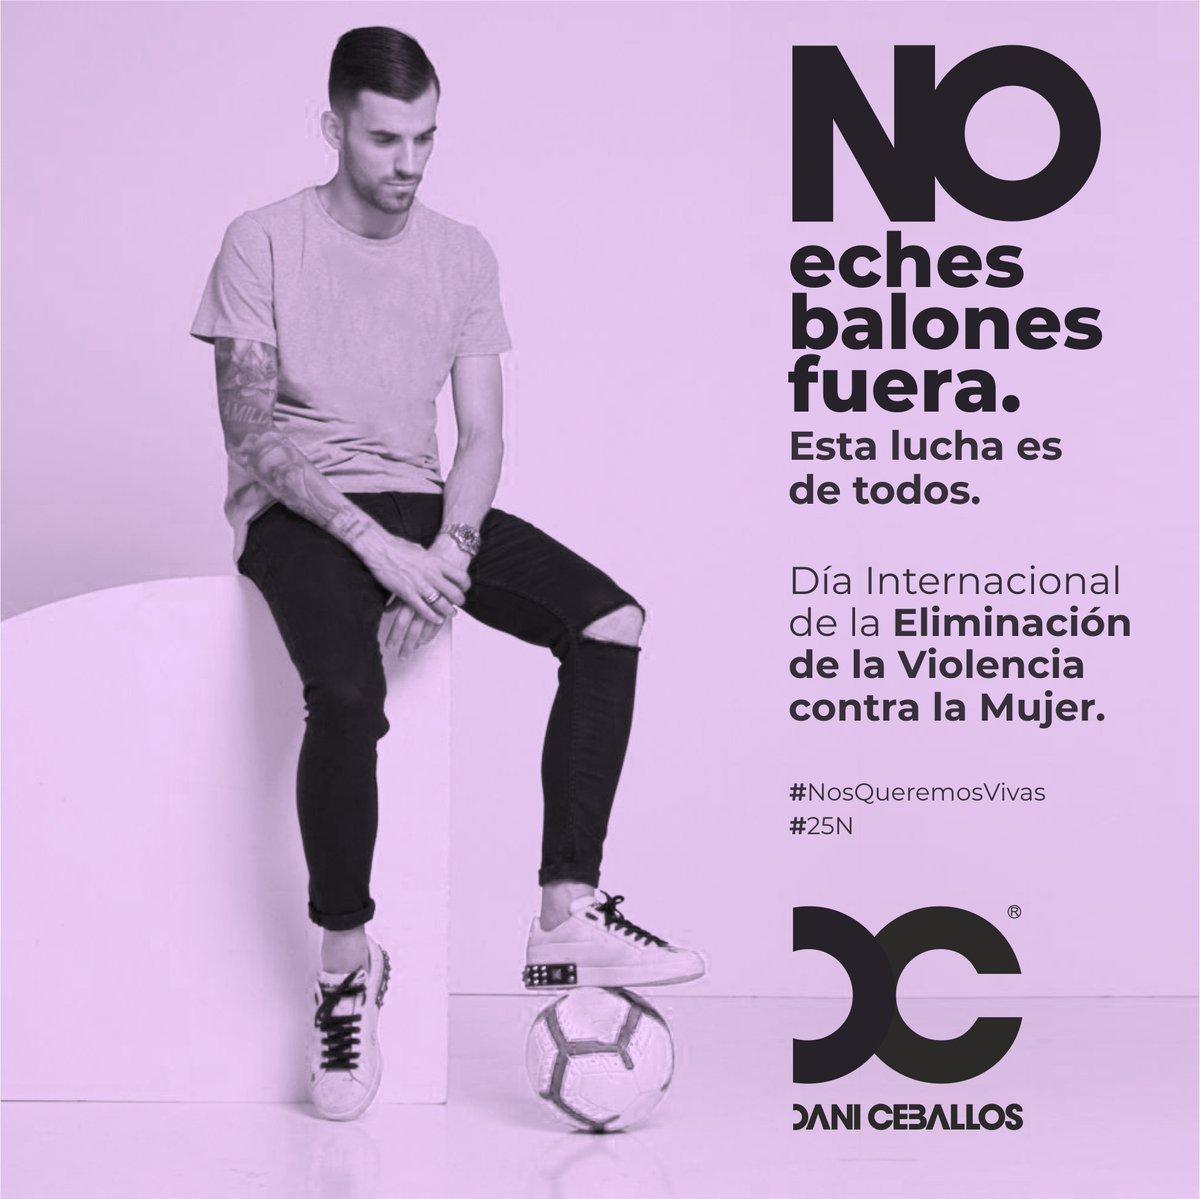 ✋🏻Don't wait for the ball to drop. This is everyone's fight.💪  ✋🏻No eches balones fuera.  Esta lucha es de todos💪  #notonemore #25N #NosQueremosVivas #InternationalDayOfEliminationViolenceAgainstWomen #DíaInternacionalDeLaEliminaciónDeLaViolenciaContraLaMujer